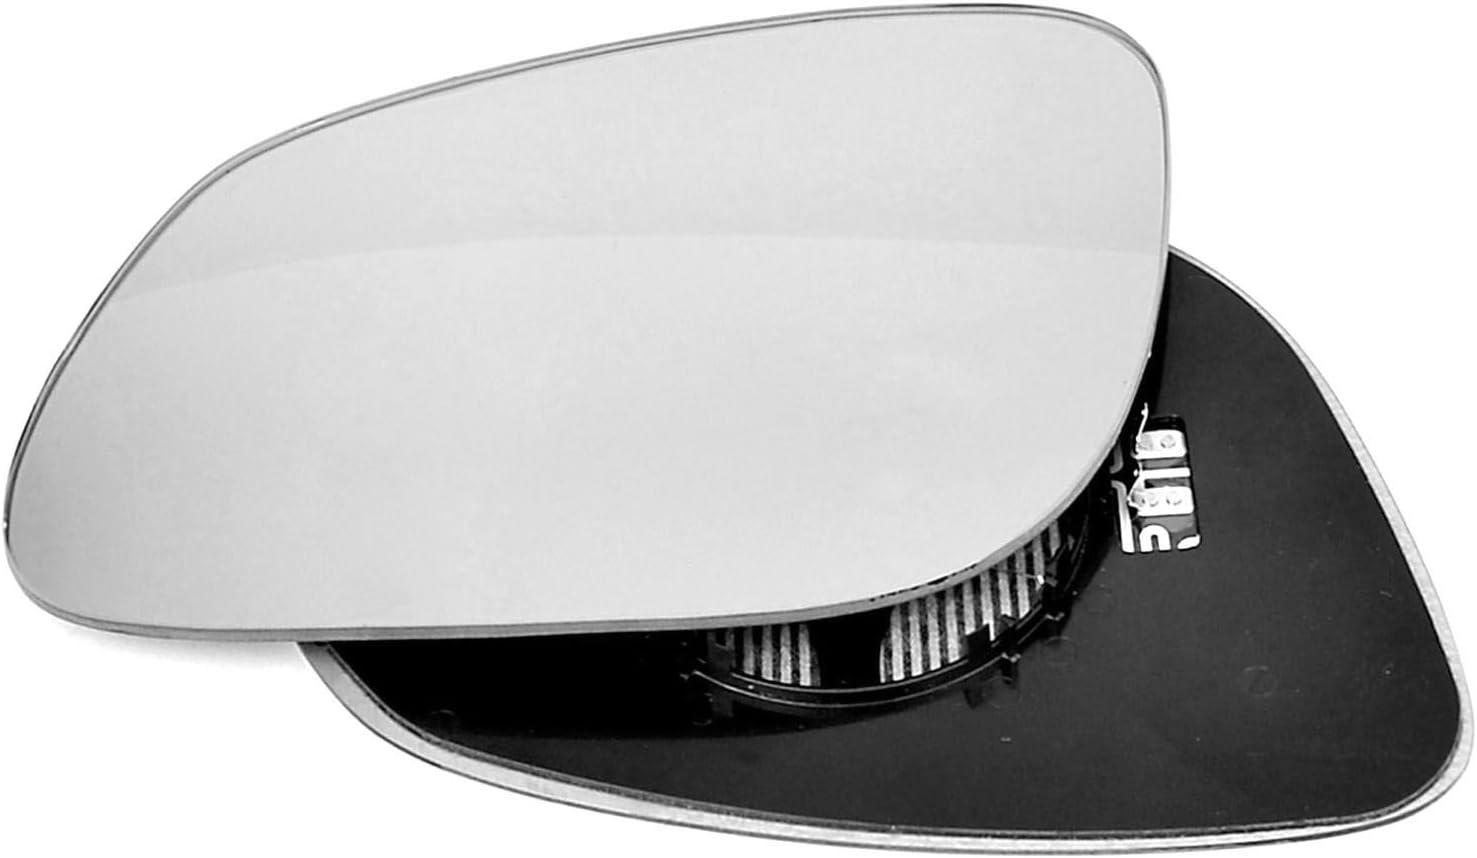 Passagier linken Seite Fl/ügel T/ür Spiegel konvex Glas beheizbar mit Tr/ägerplatte